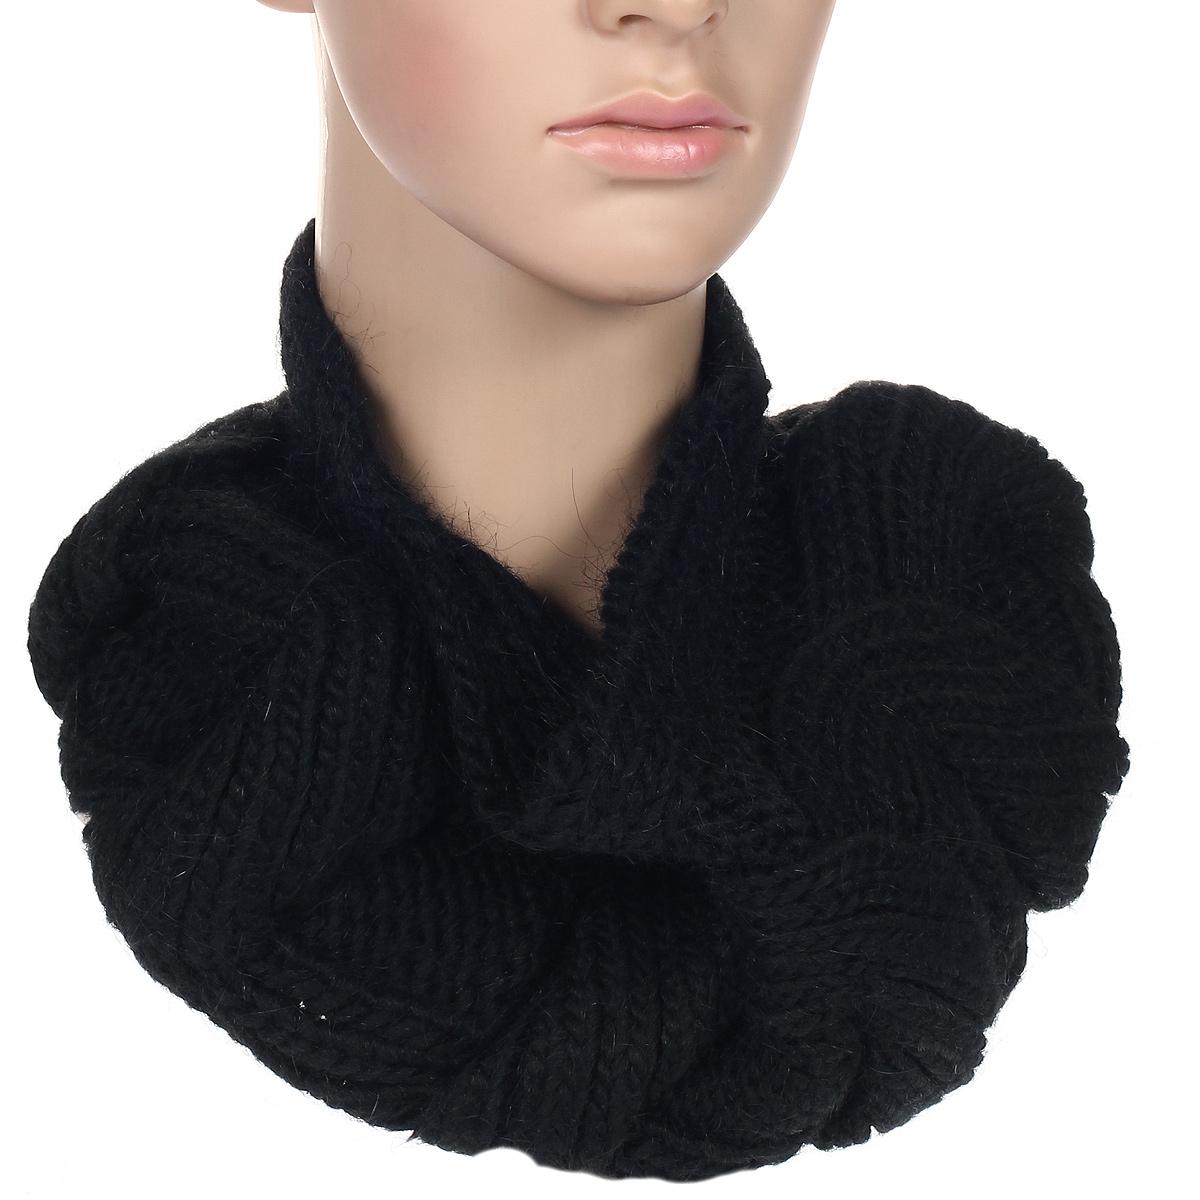 Шарф женский. 93004379300437Стильный круглый шарф Venera, выполненный из акрилика, шерсти и альпаки, создан подчеркнуть ваш неординарный вкус и согреть вас в прохладное время года. Шарф подарит вам уют и добавит вашему образу романтичности.